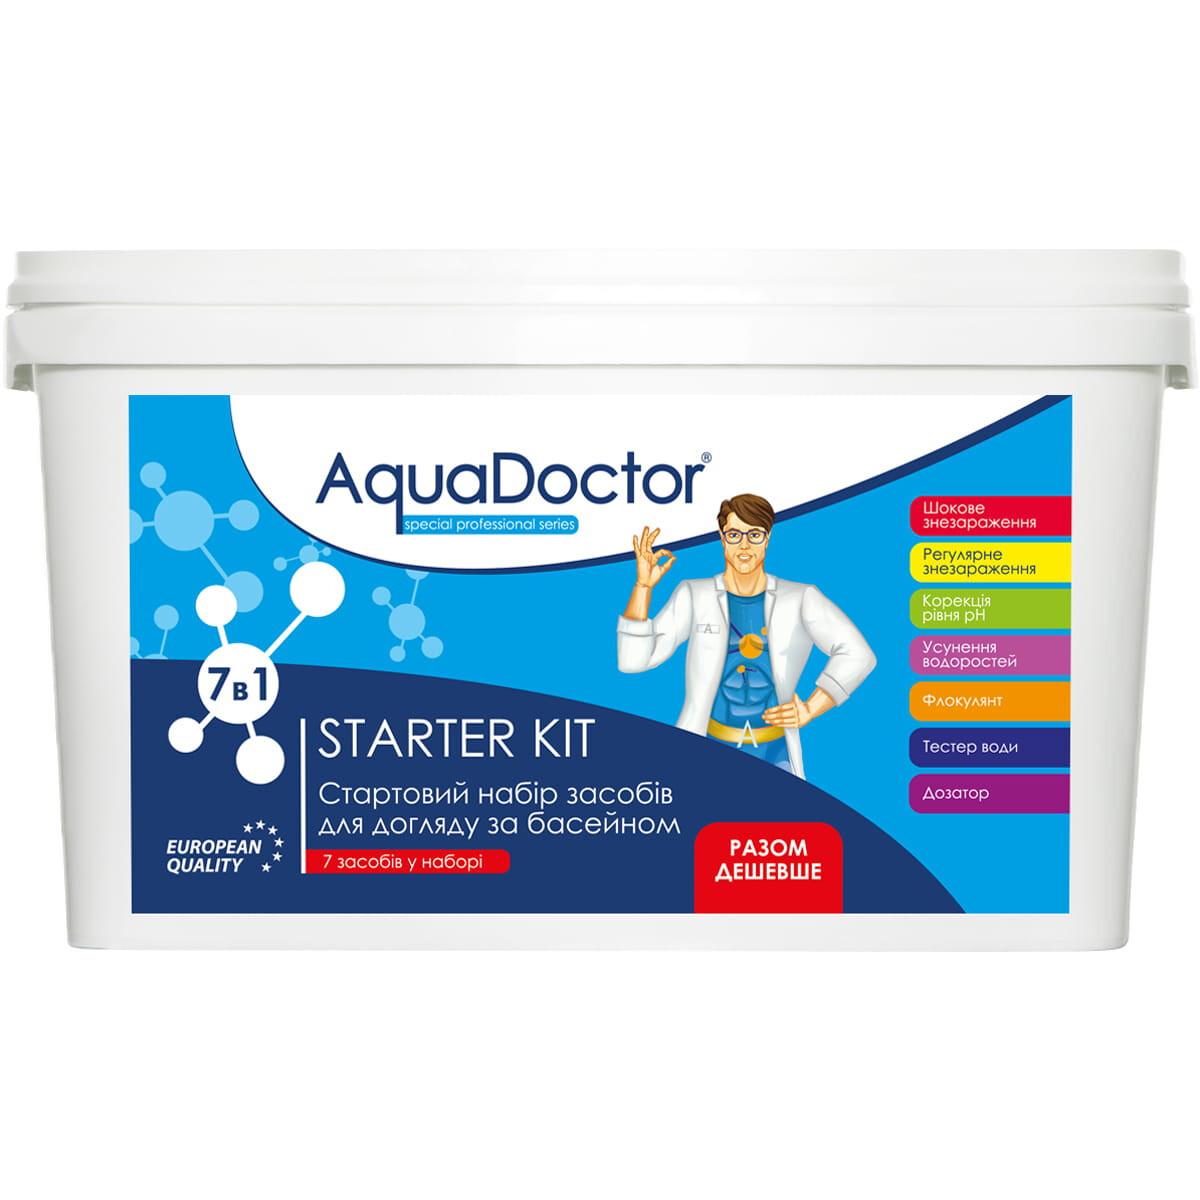 Стартовый набор для бассейна AquaDoctor Starter Kit